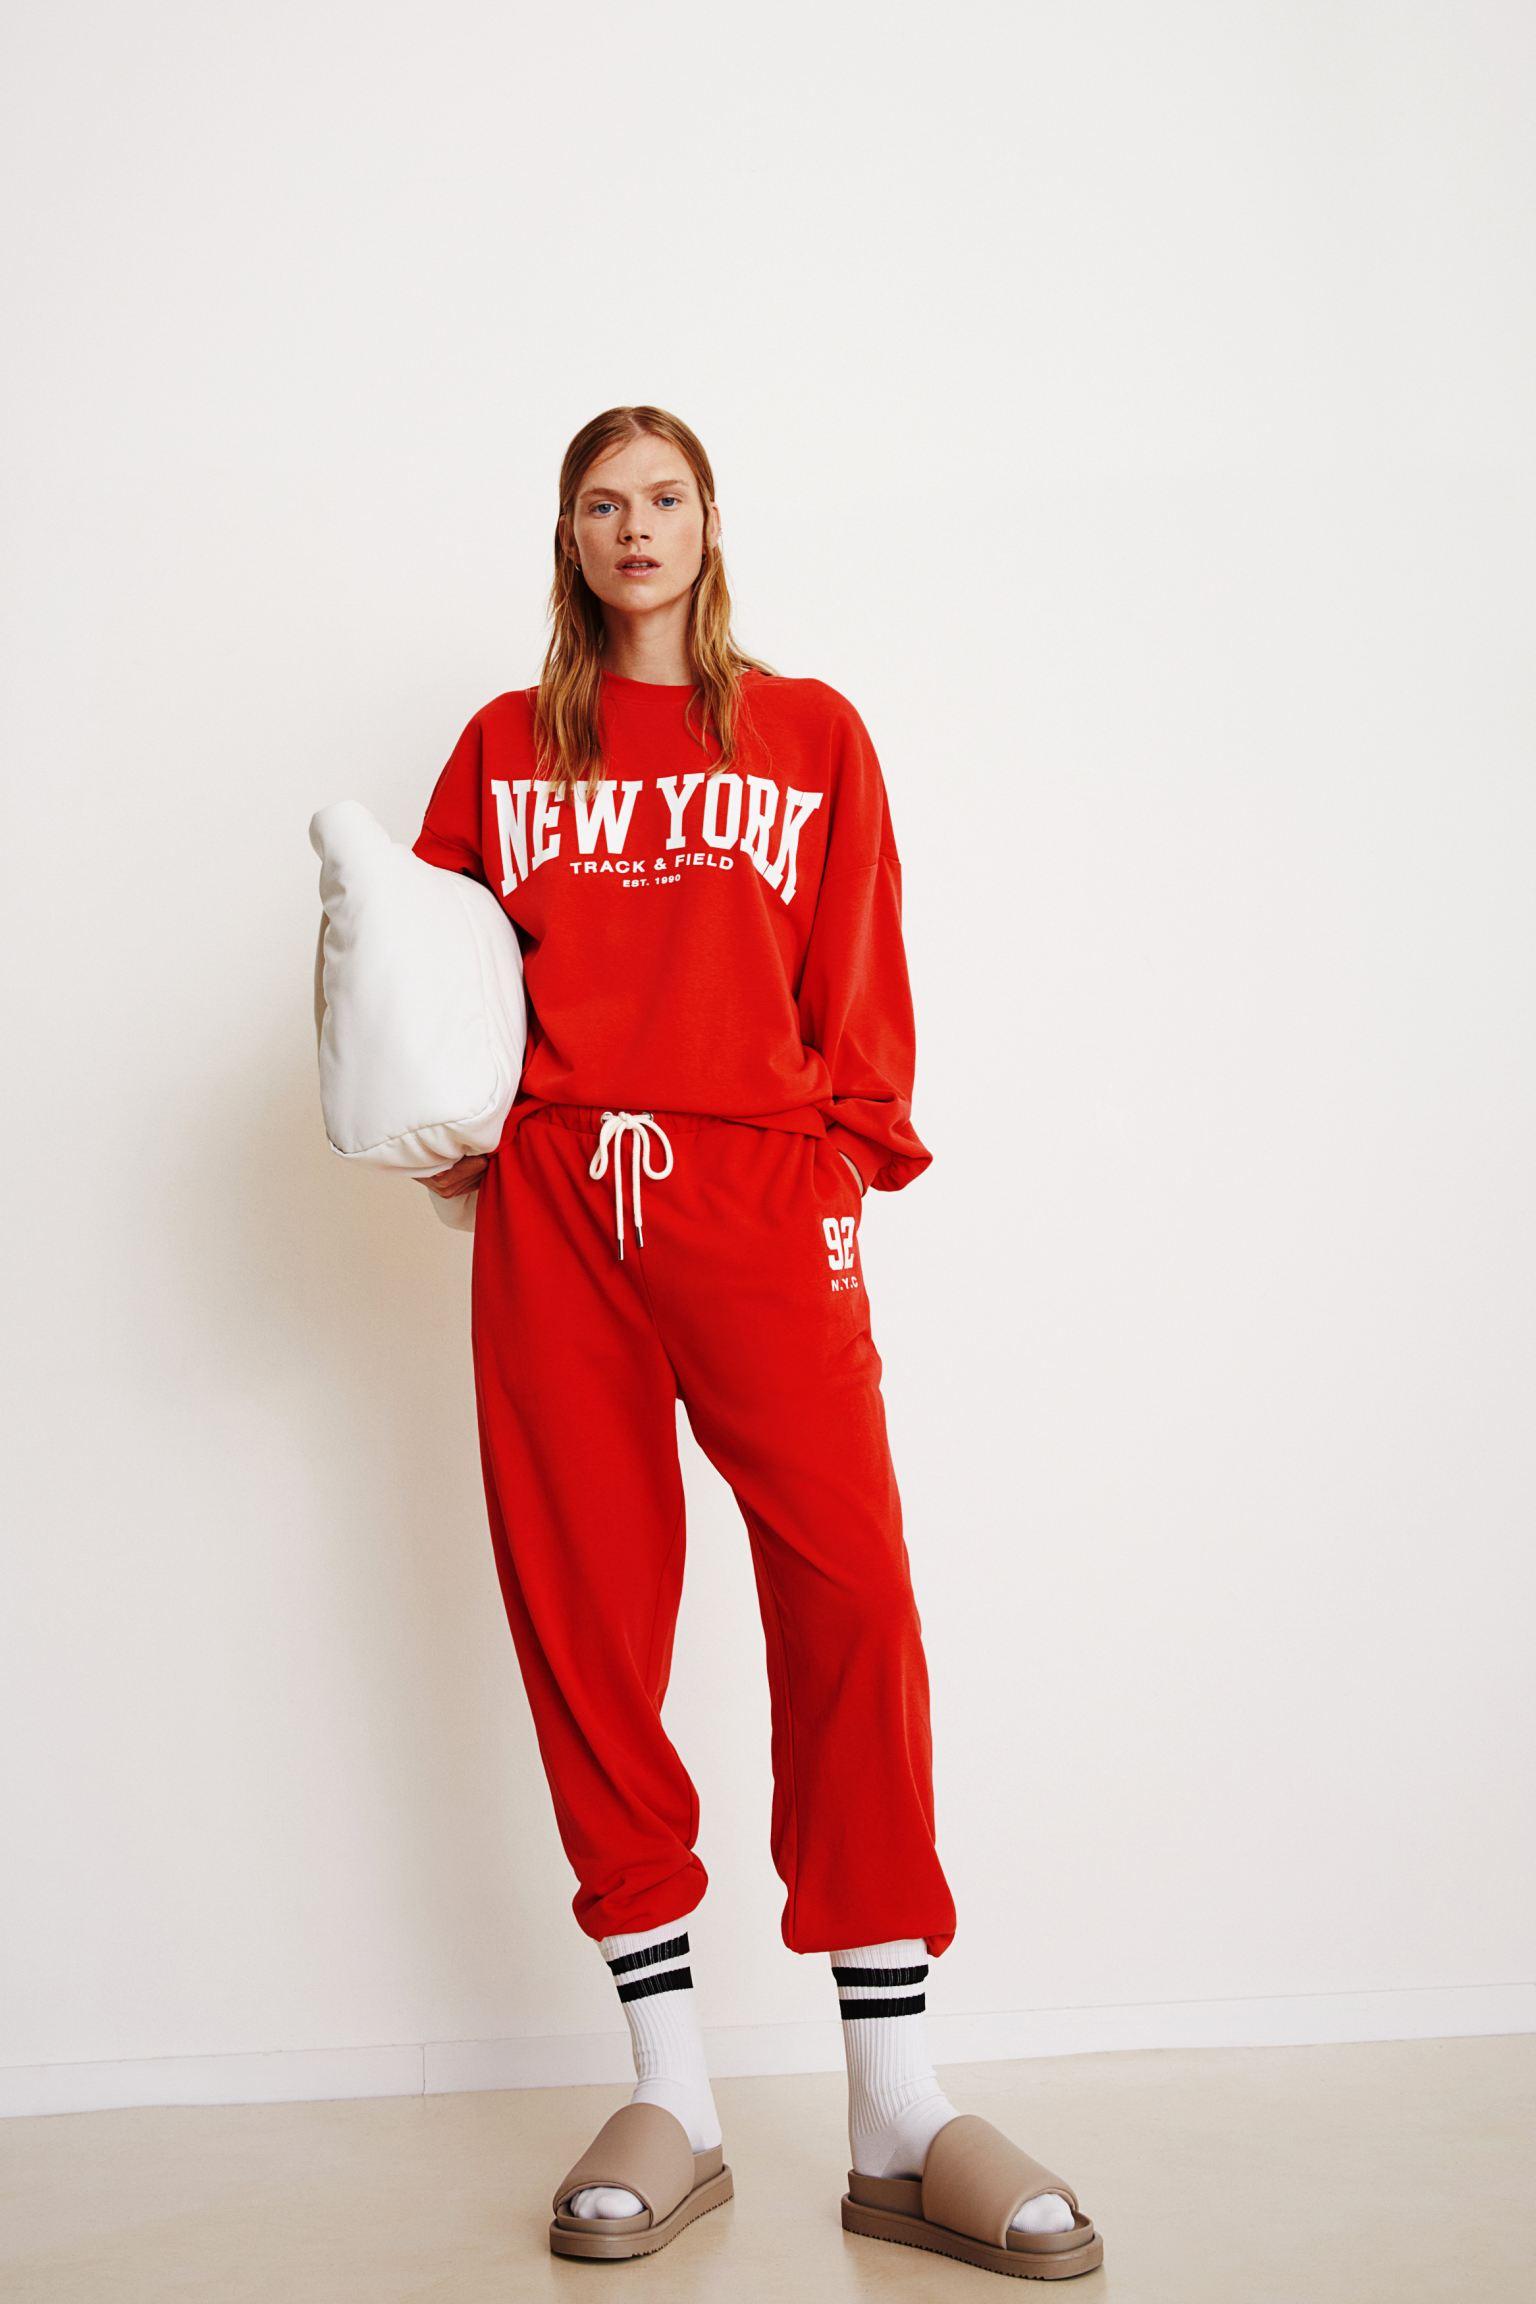 Sudadera roja de NYC